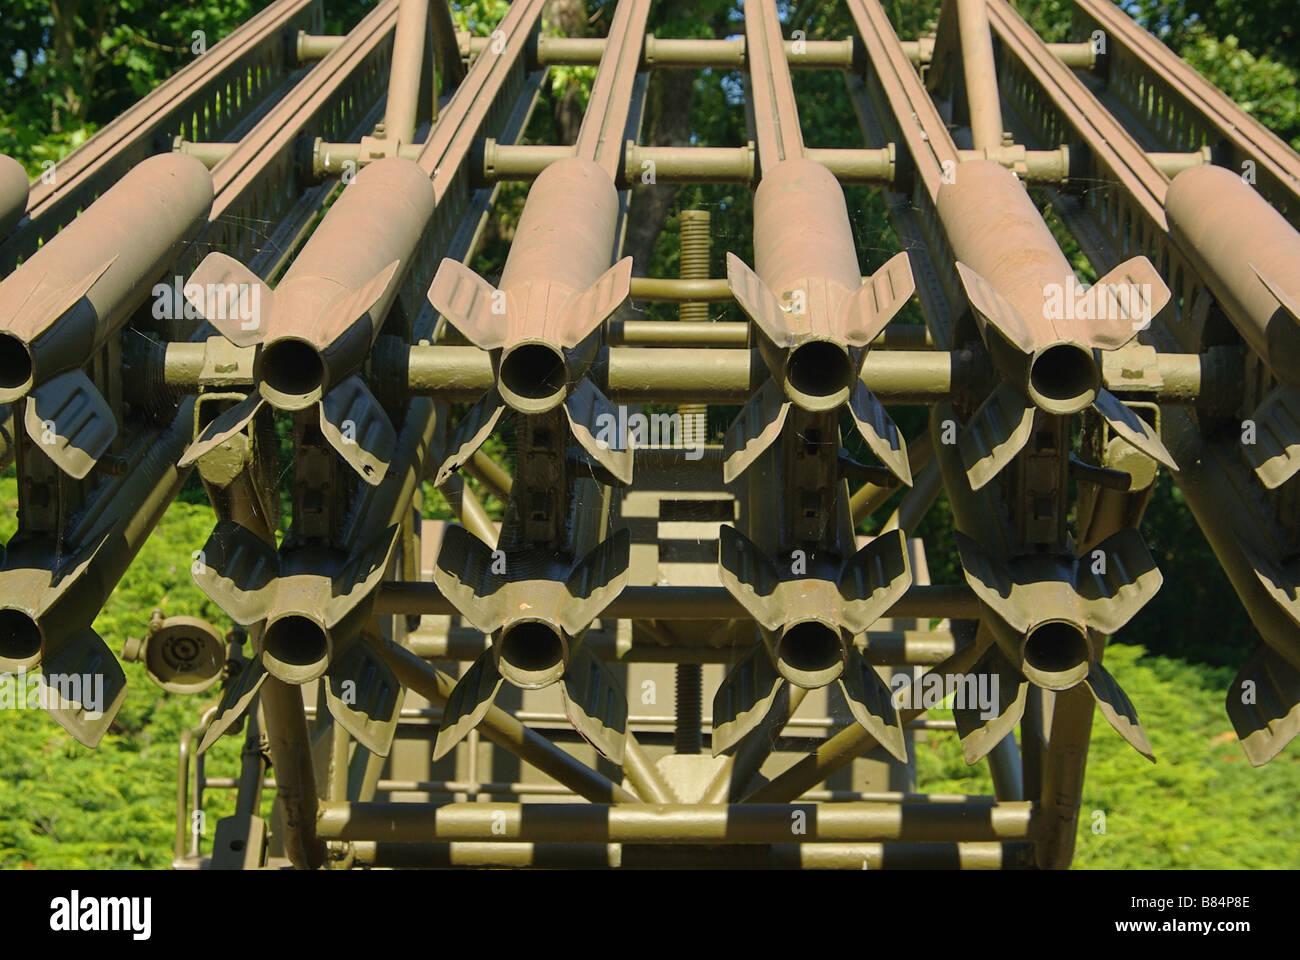 Katjuscha Katyusha rocket launcher 02 - Stock Image